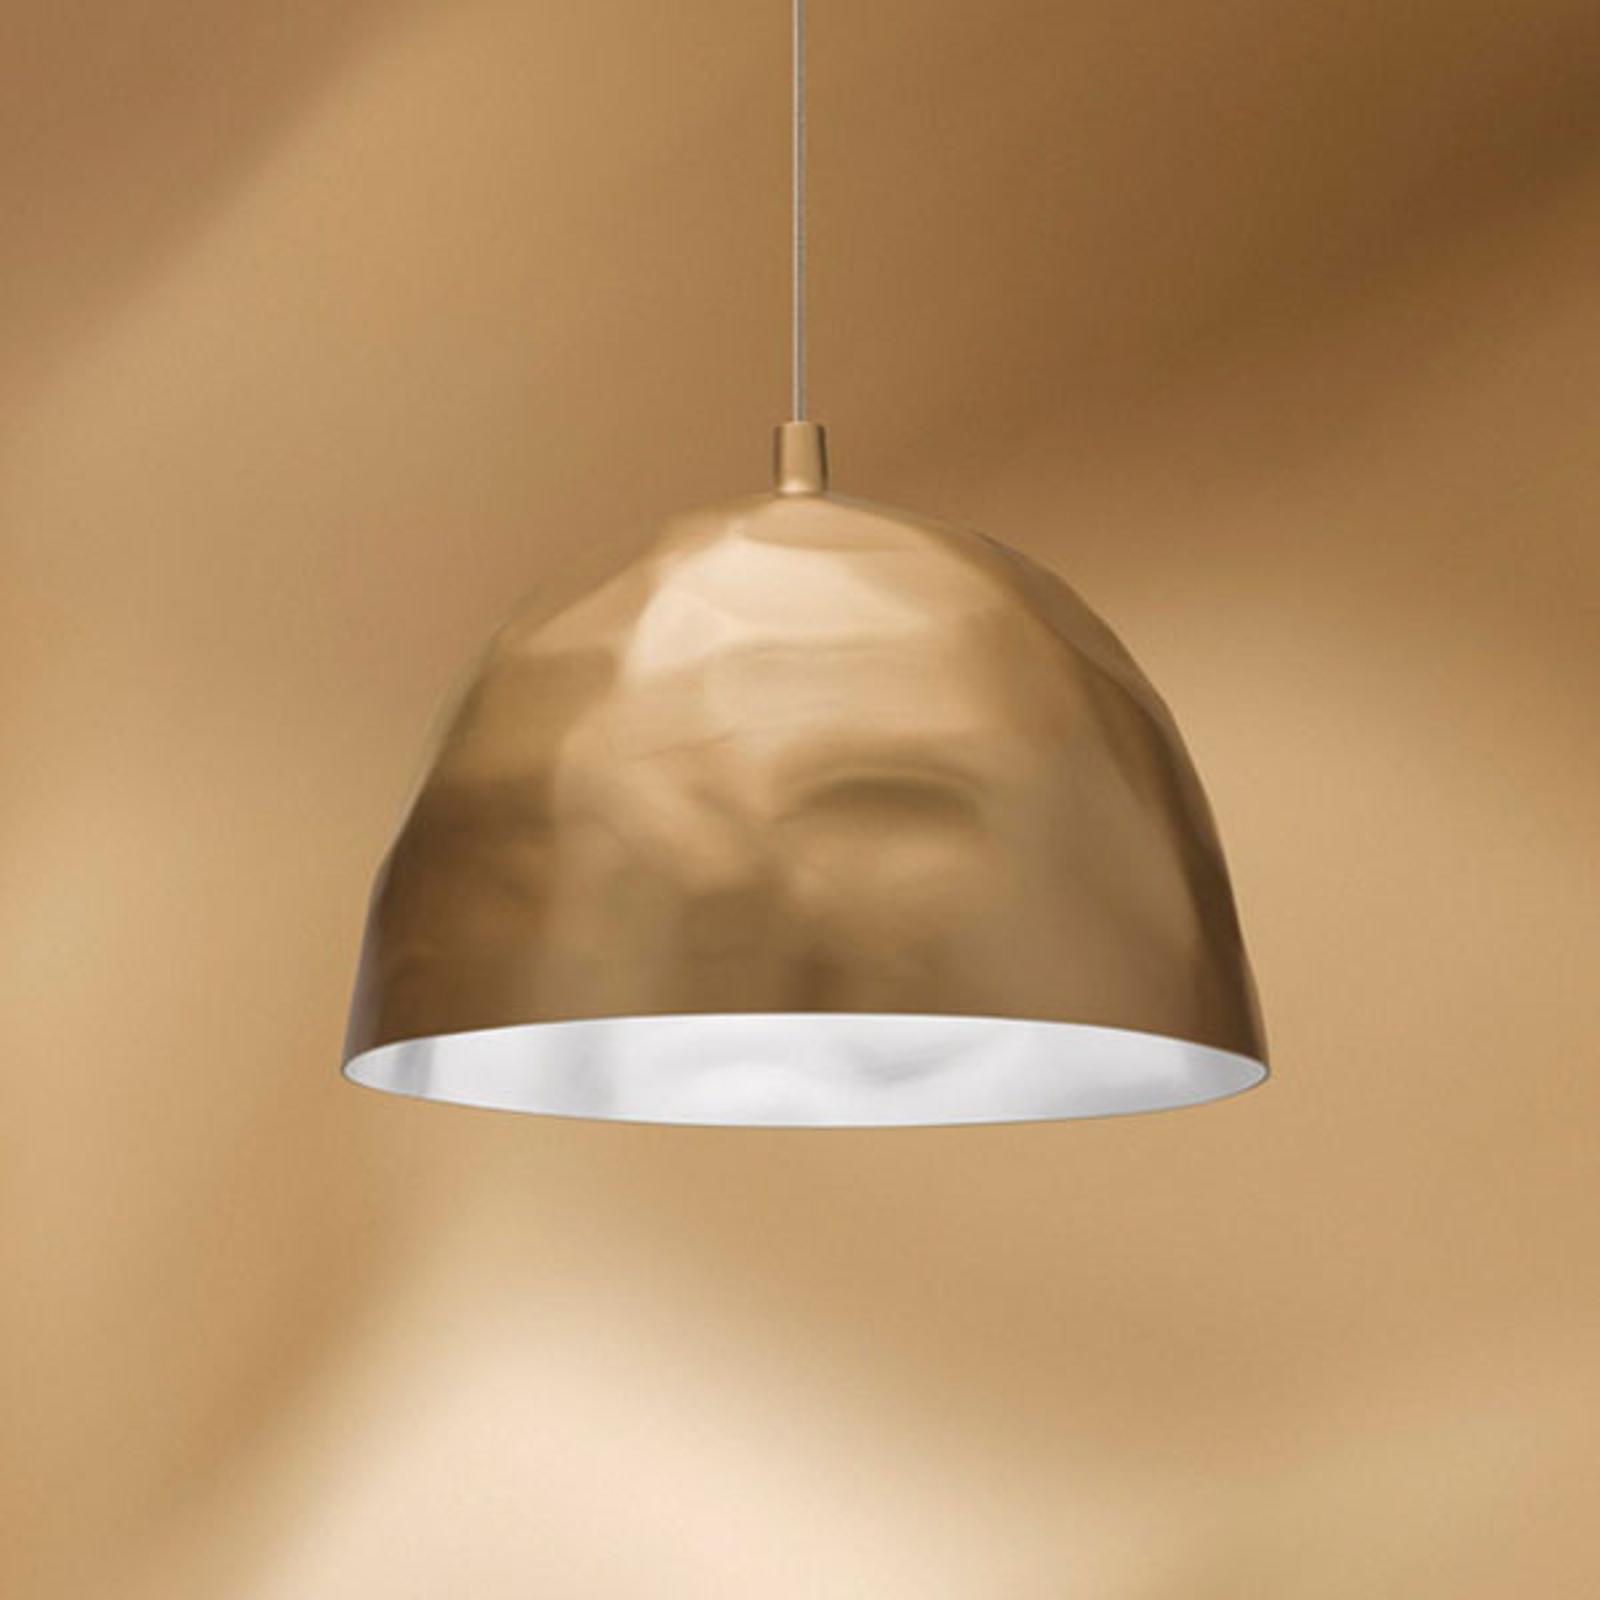 Foscarini Bump hængelampe, gylden